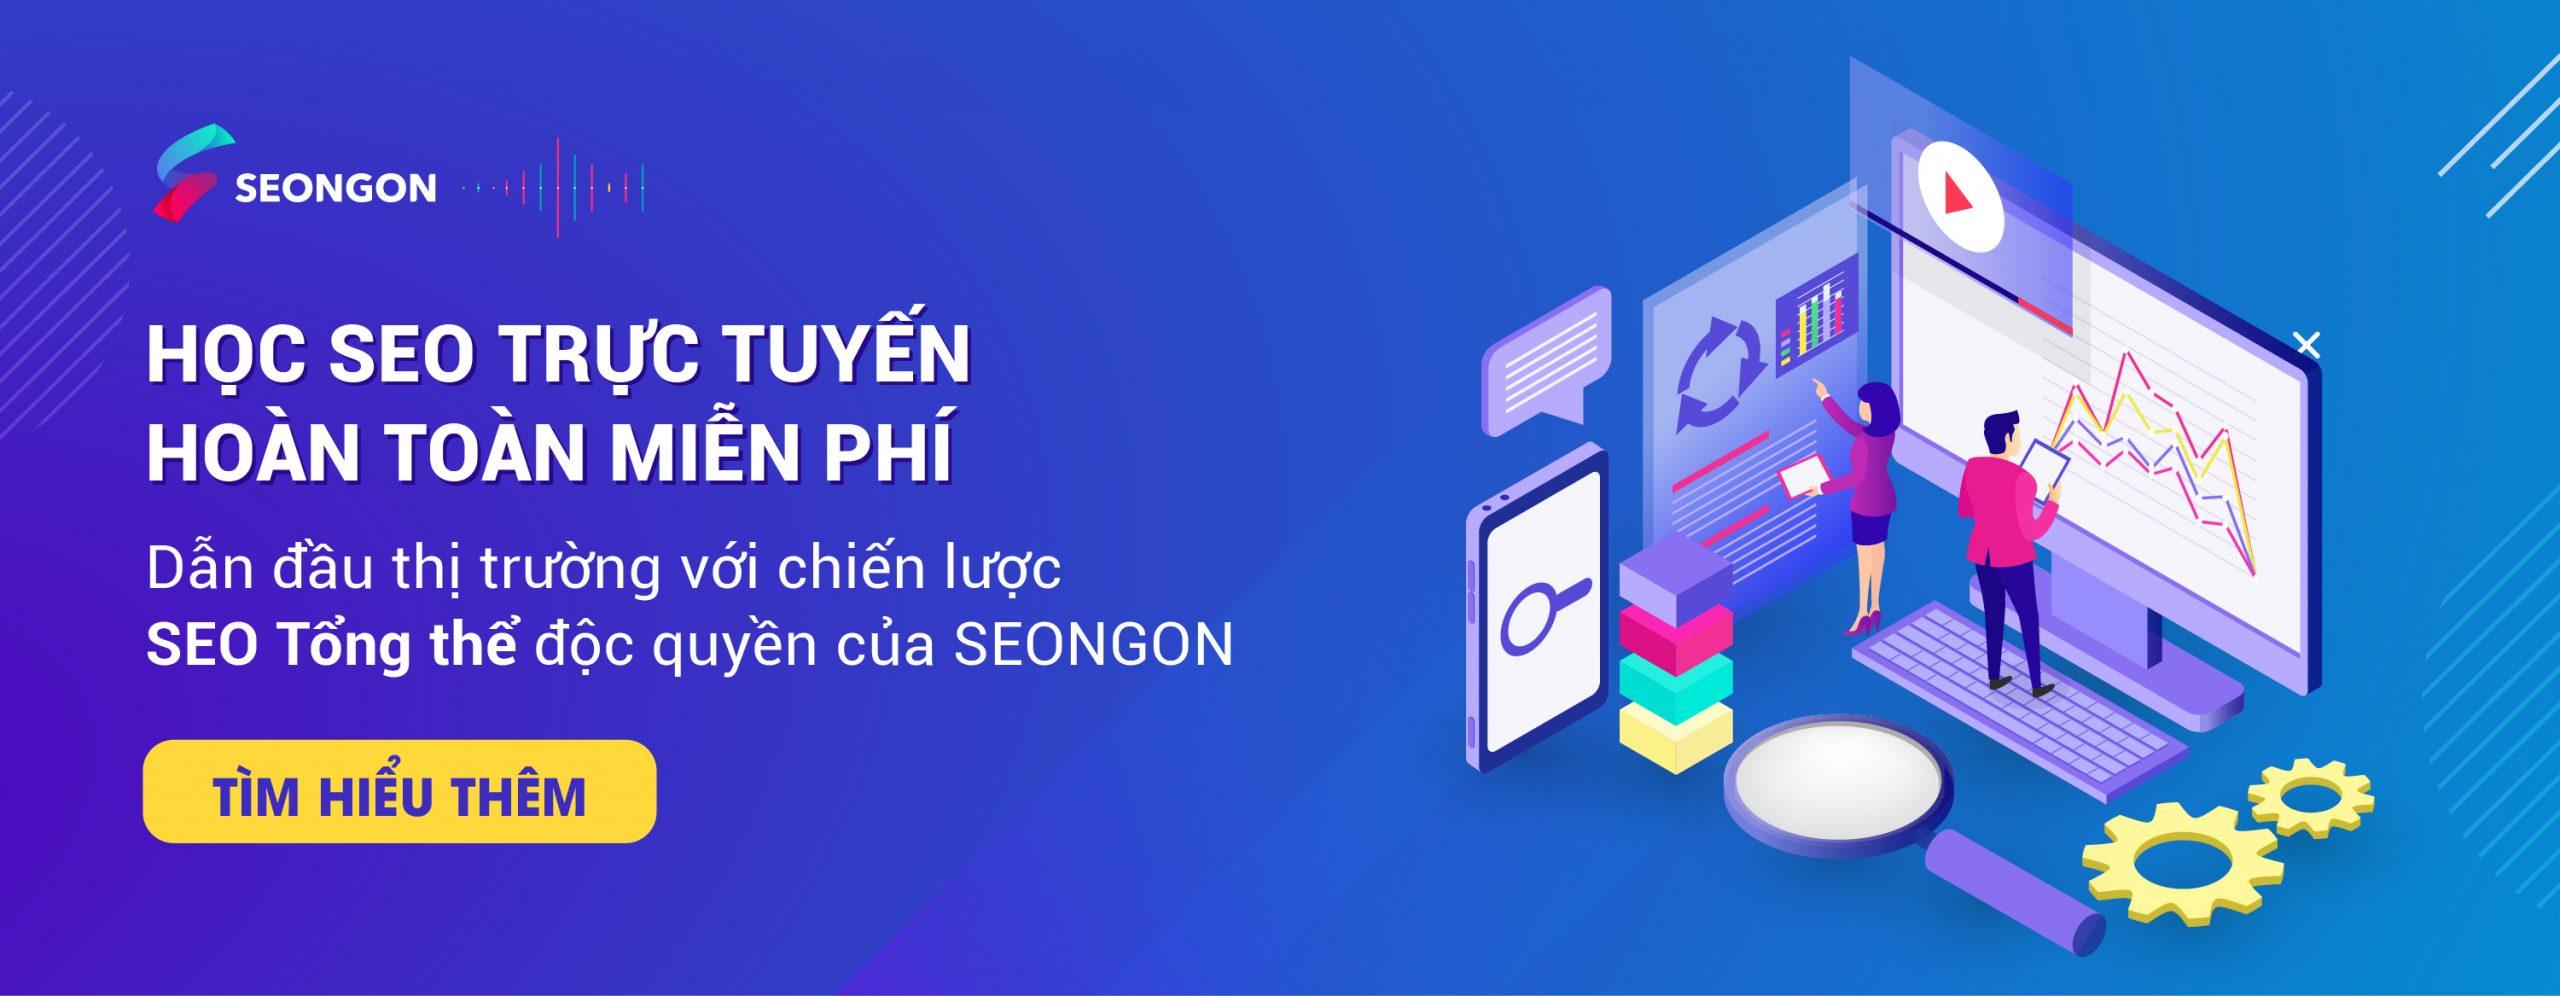 đào tạo seo tại seongon